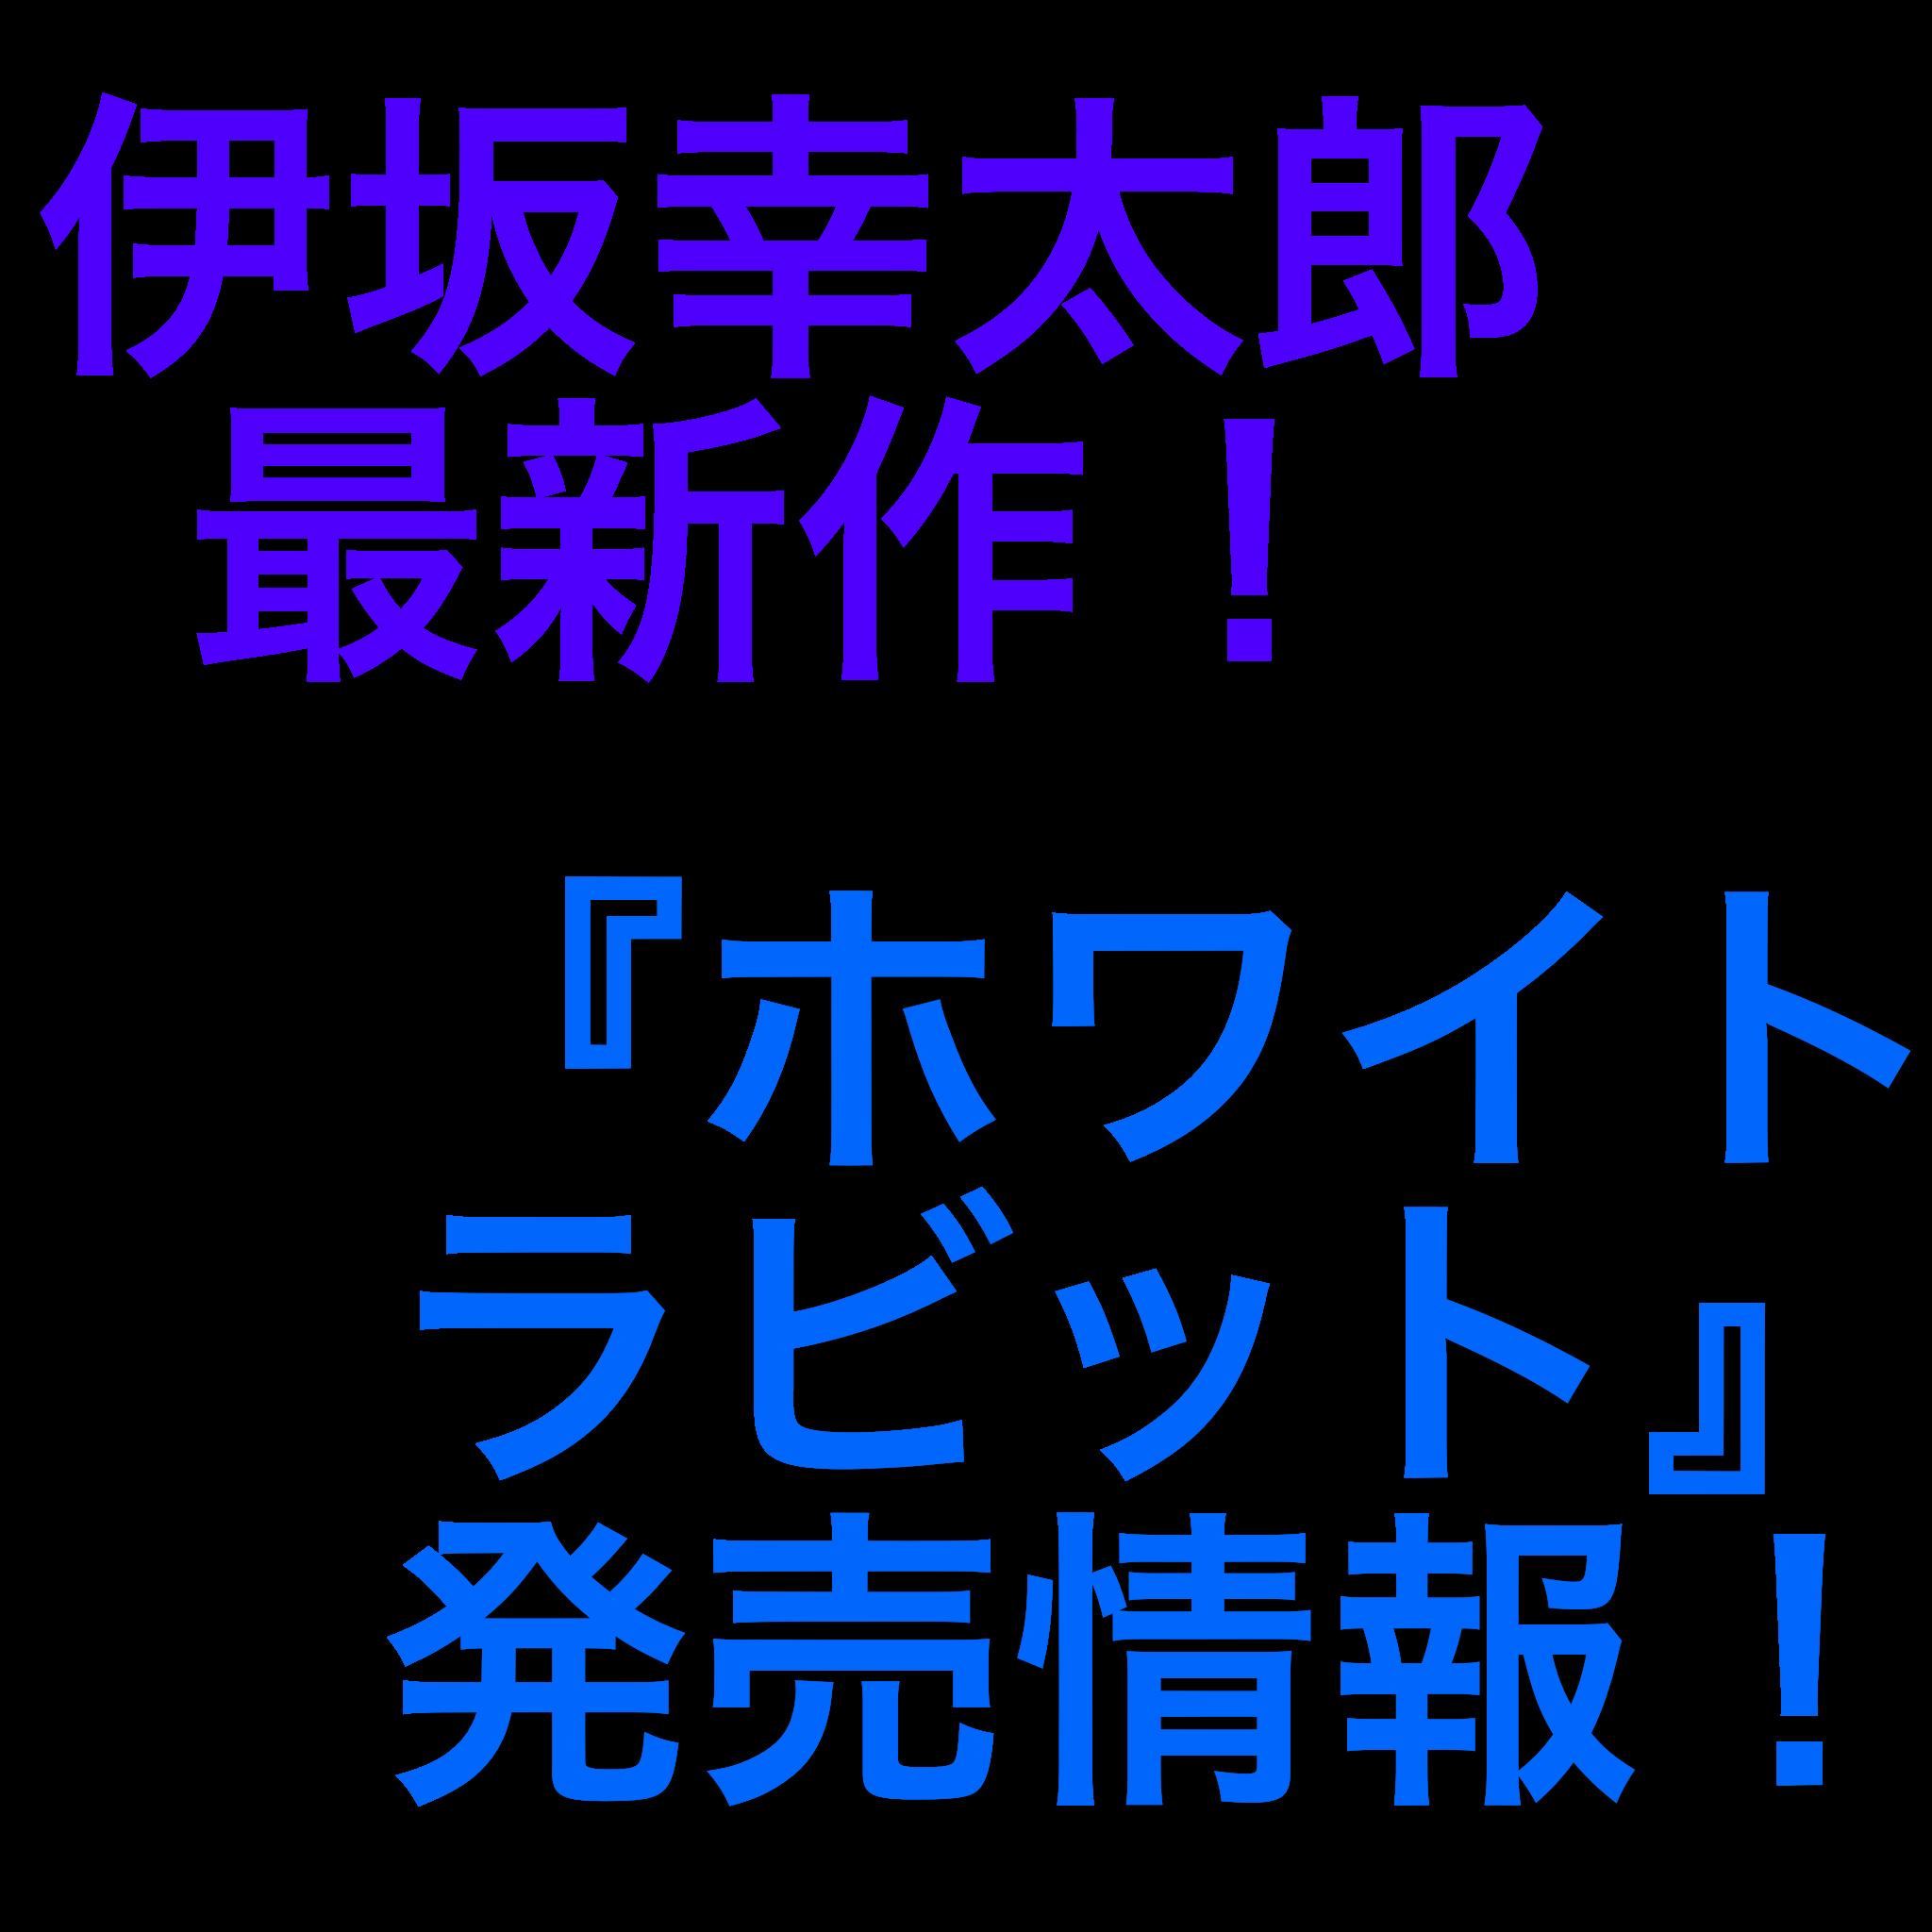 ホワイトラビット 伊坂幸太郎 最新刊